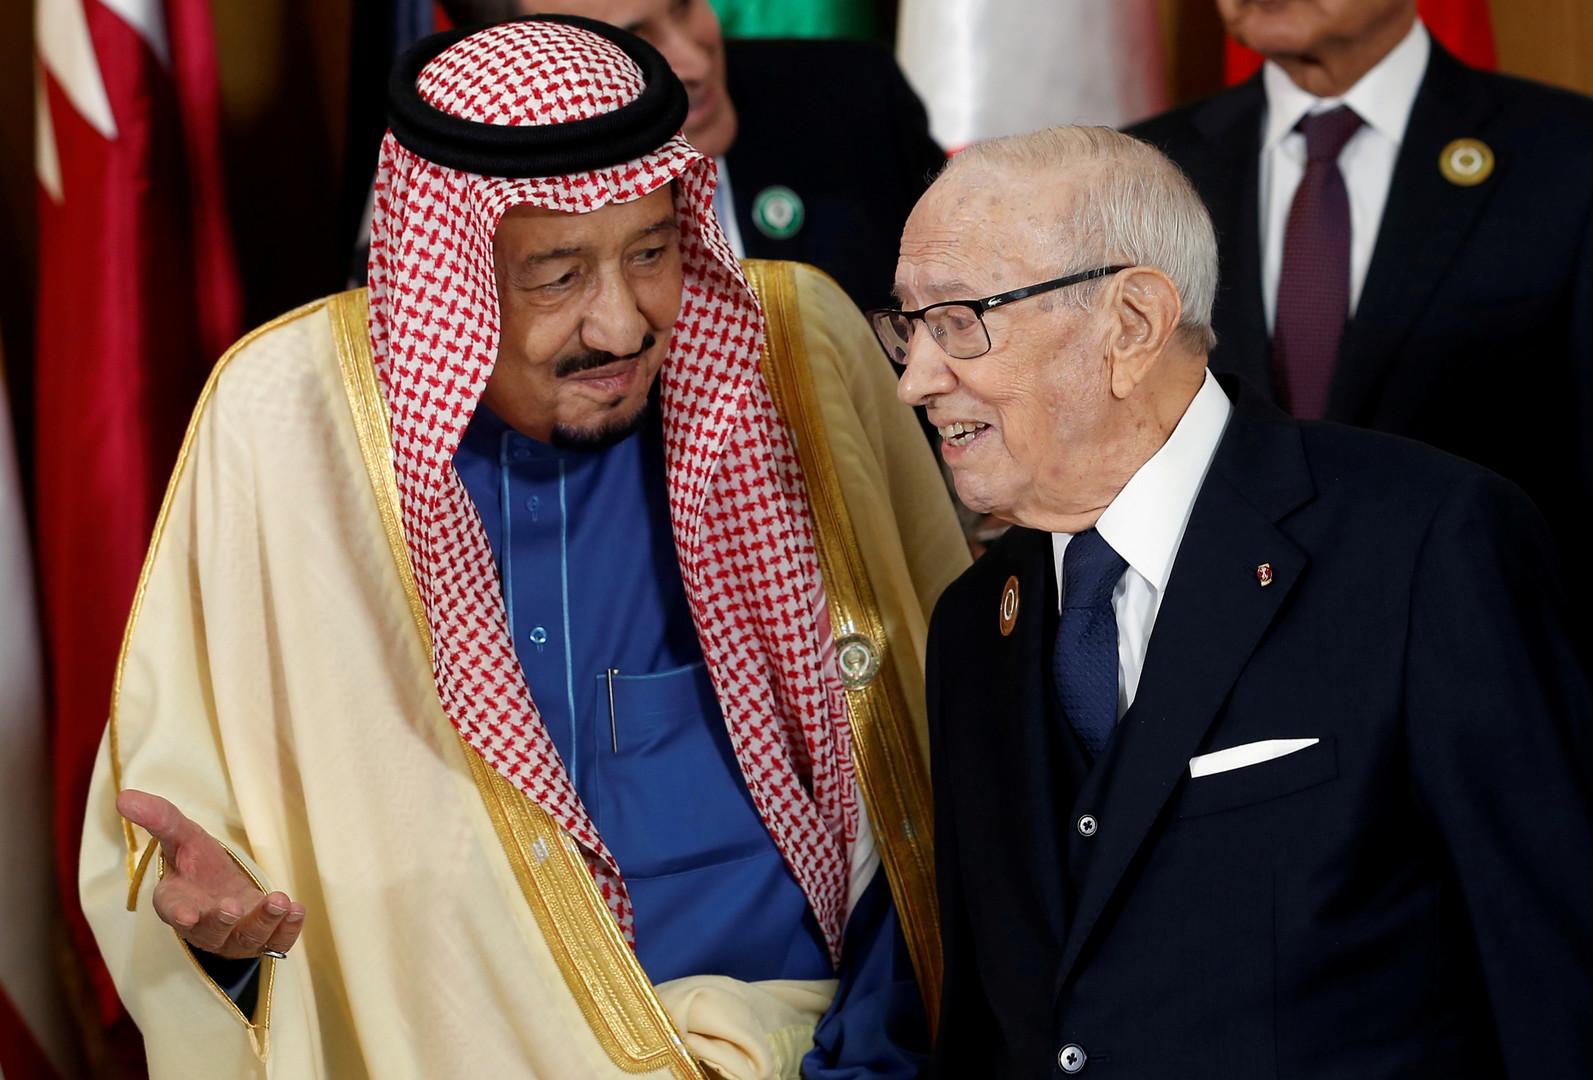 الرئيس التونسي الراحل الباجي قايد السبسي والملك سلمان بن عبد العزيز